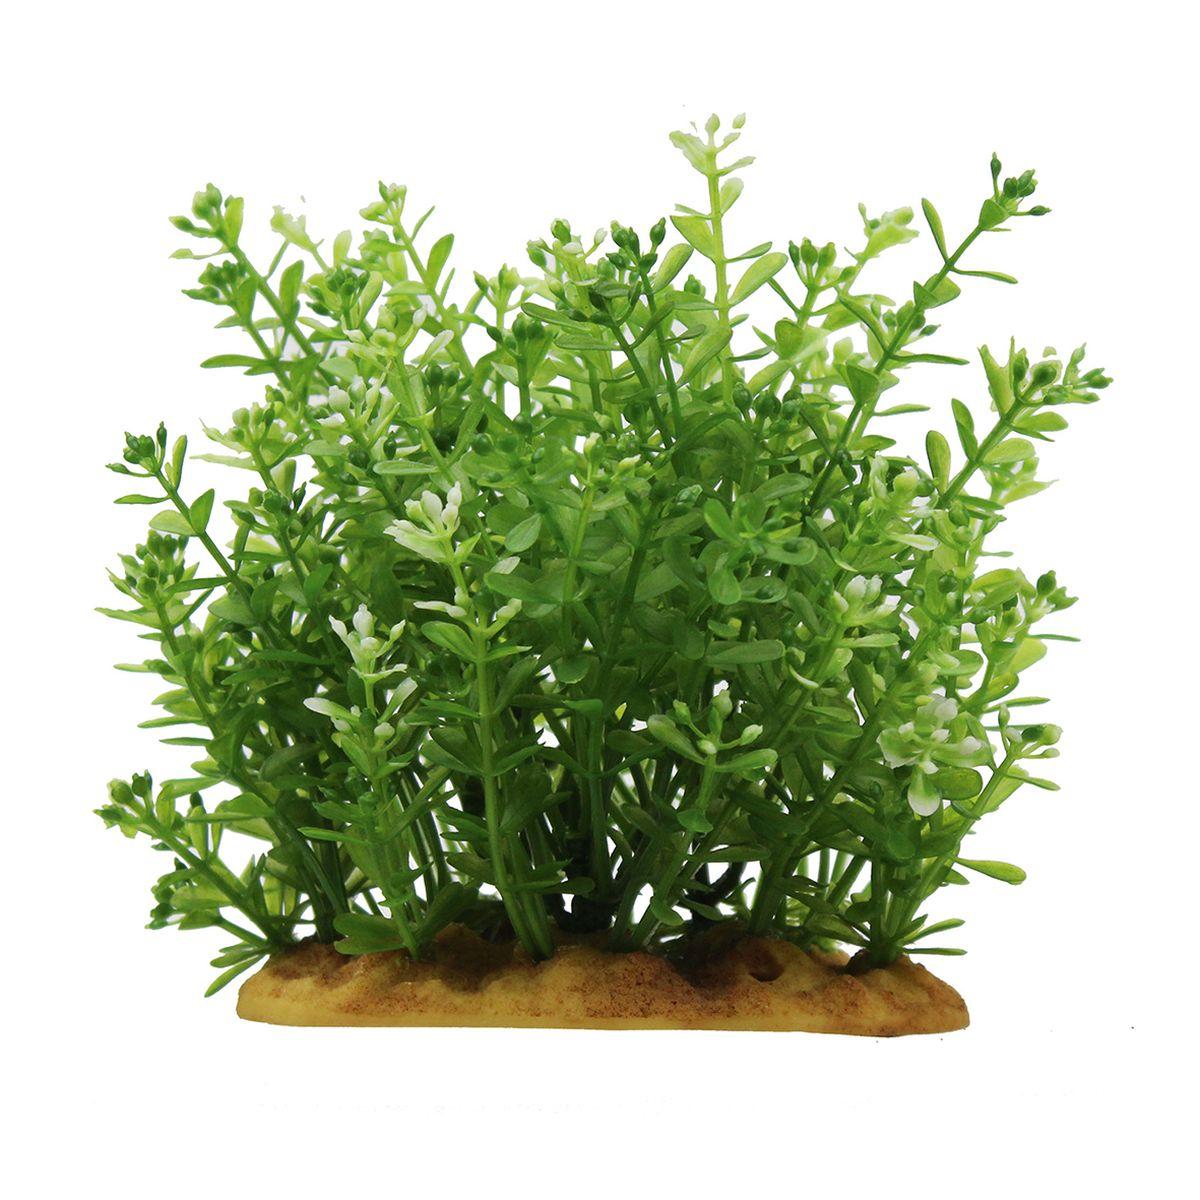 Растение для аквариума ArtUniq Ротала, высота 15 смART-1160109Растение для аквариума ArtUniq Ротала, высота 15 см